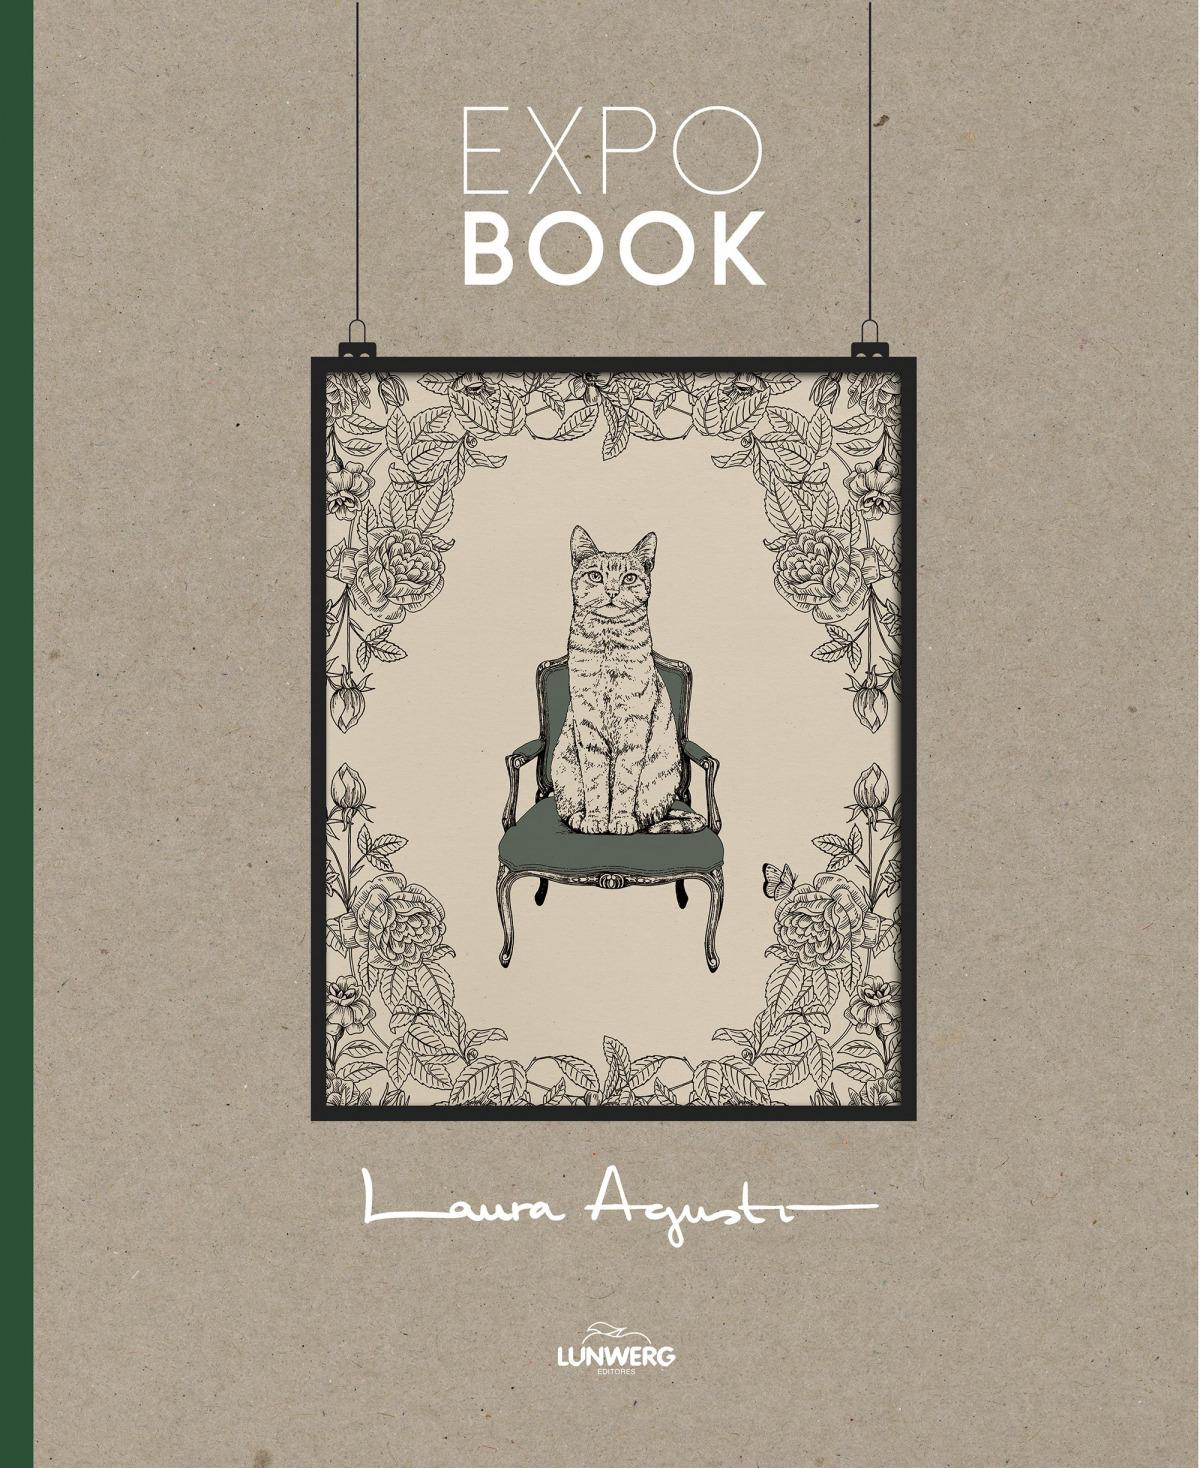 Expo book. Laura Agustí